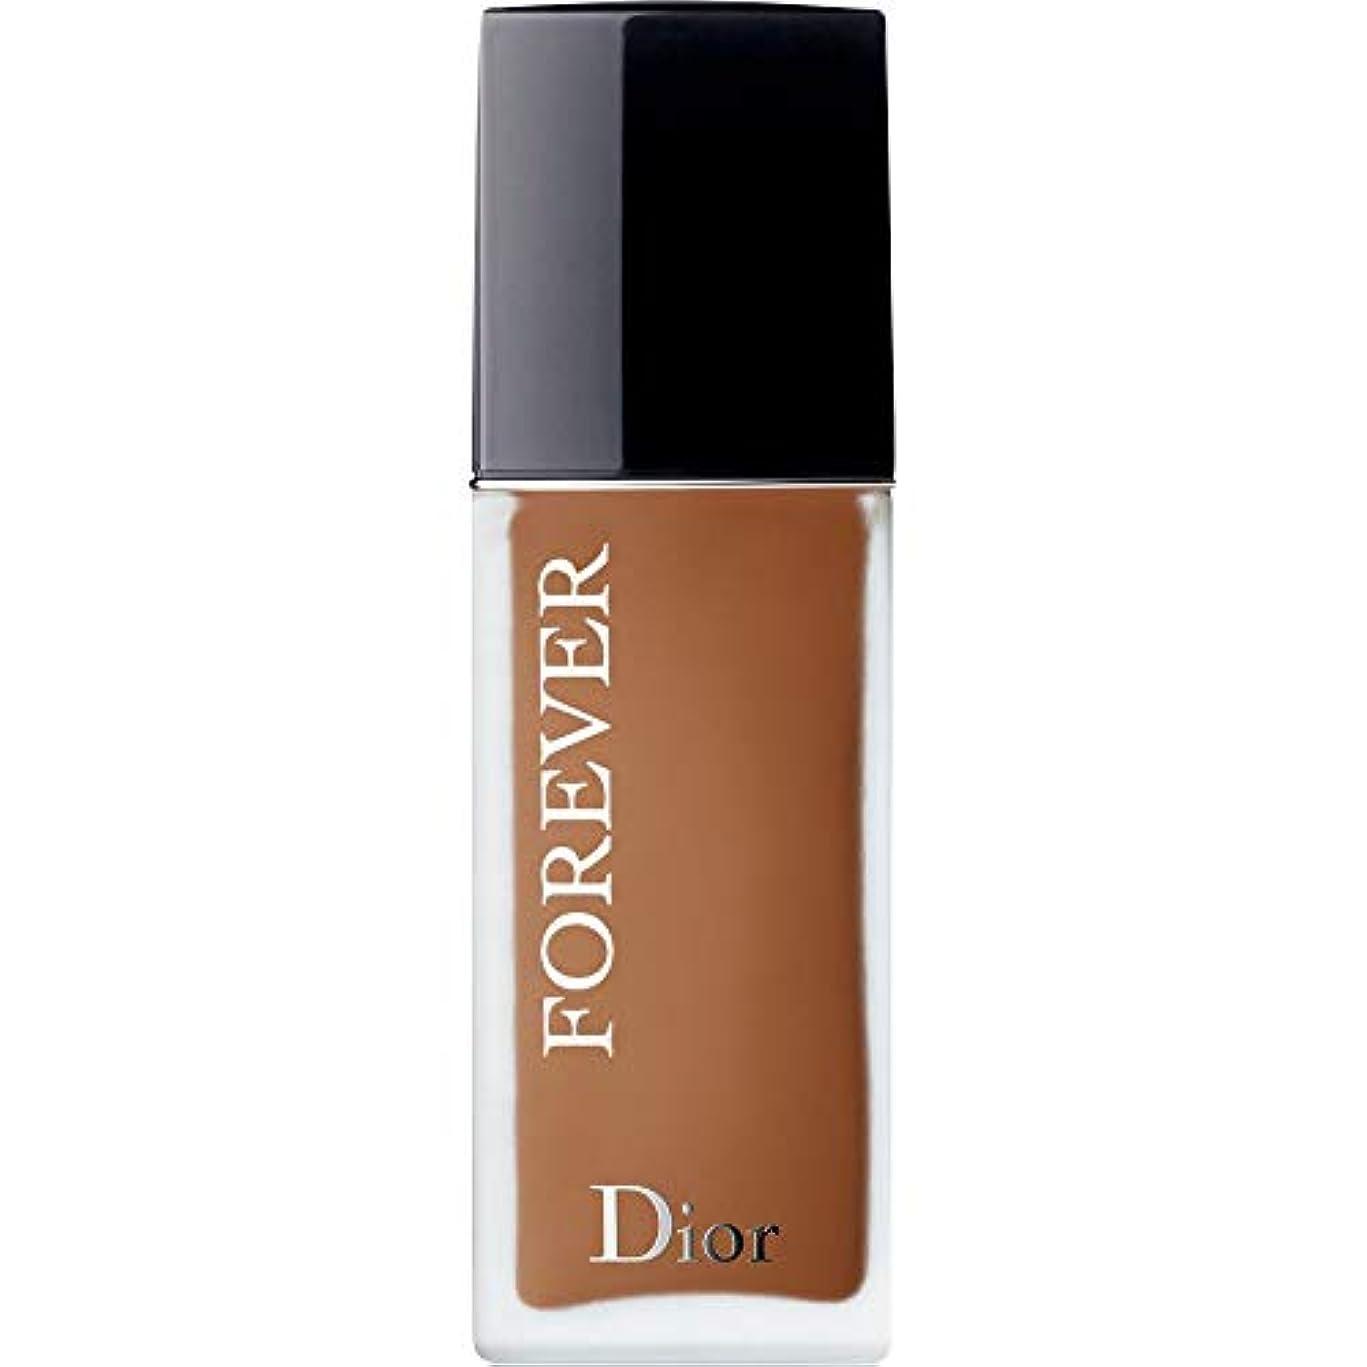 値下げスペイン語不完全[Dior ] ディオール永遠皮膚思いやりの基盤Spf35 30ミリリットルの6N - ニュートラル(つや消し) - DIOR Forever Skin-Caring Foundation SPF35 30ml 6N -...